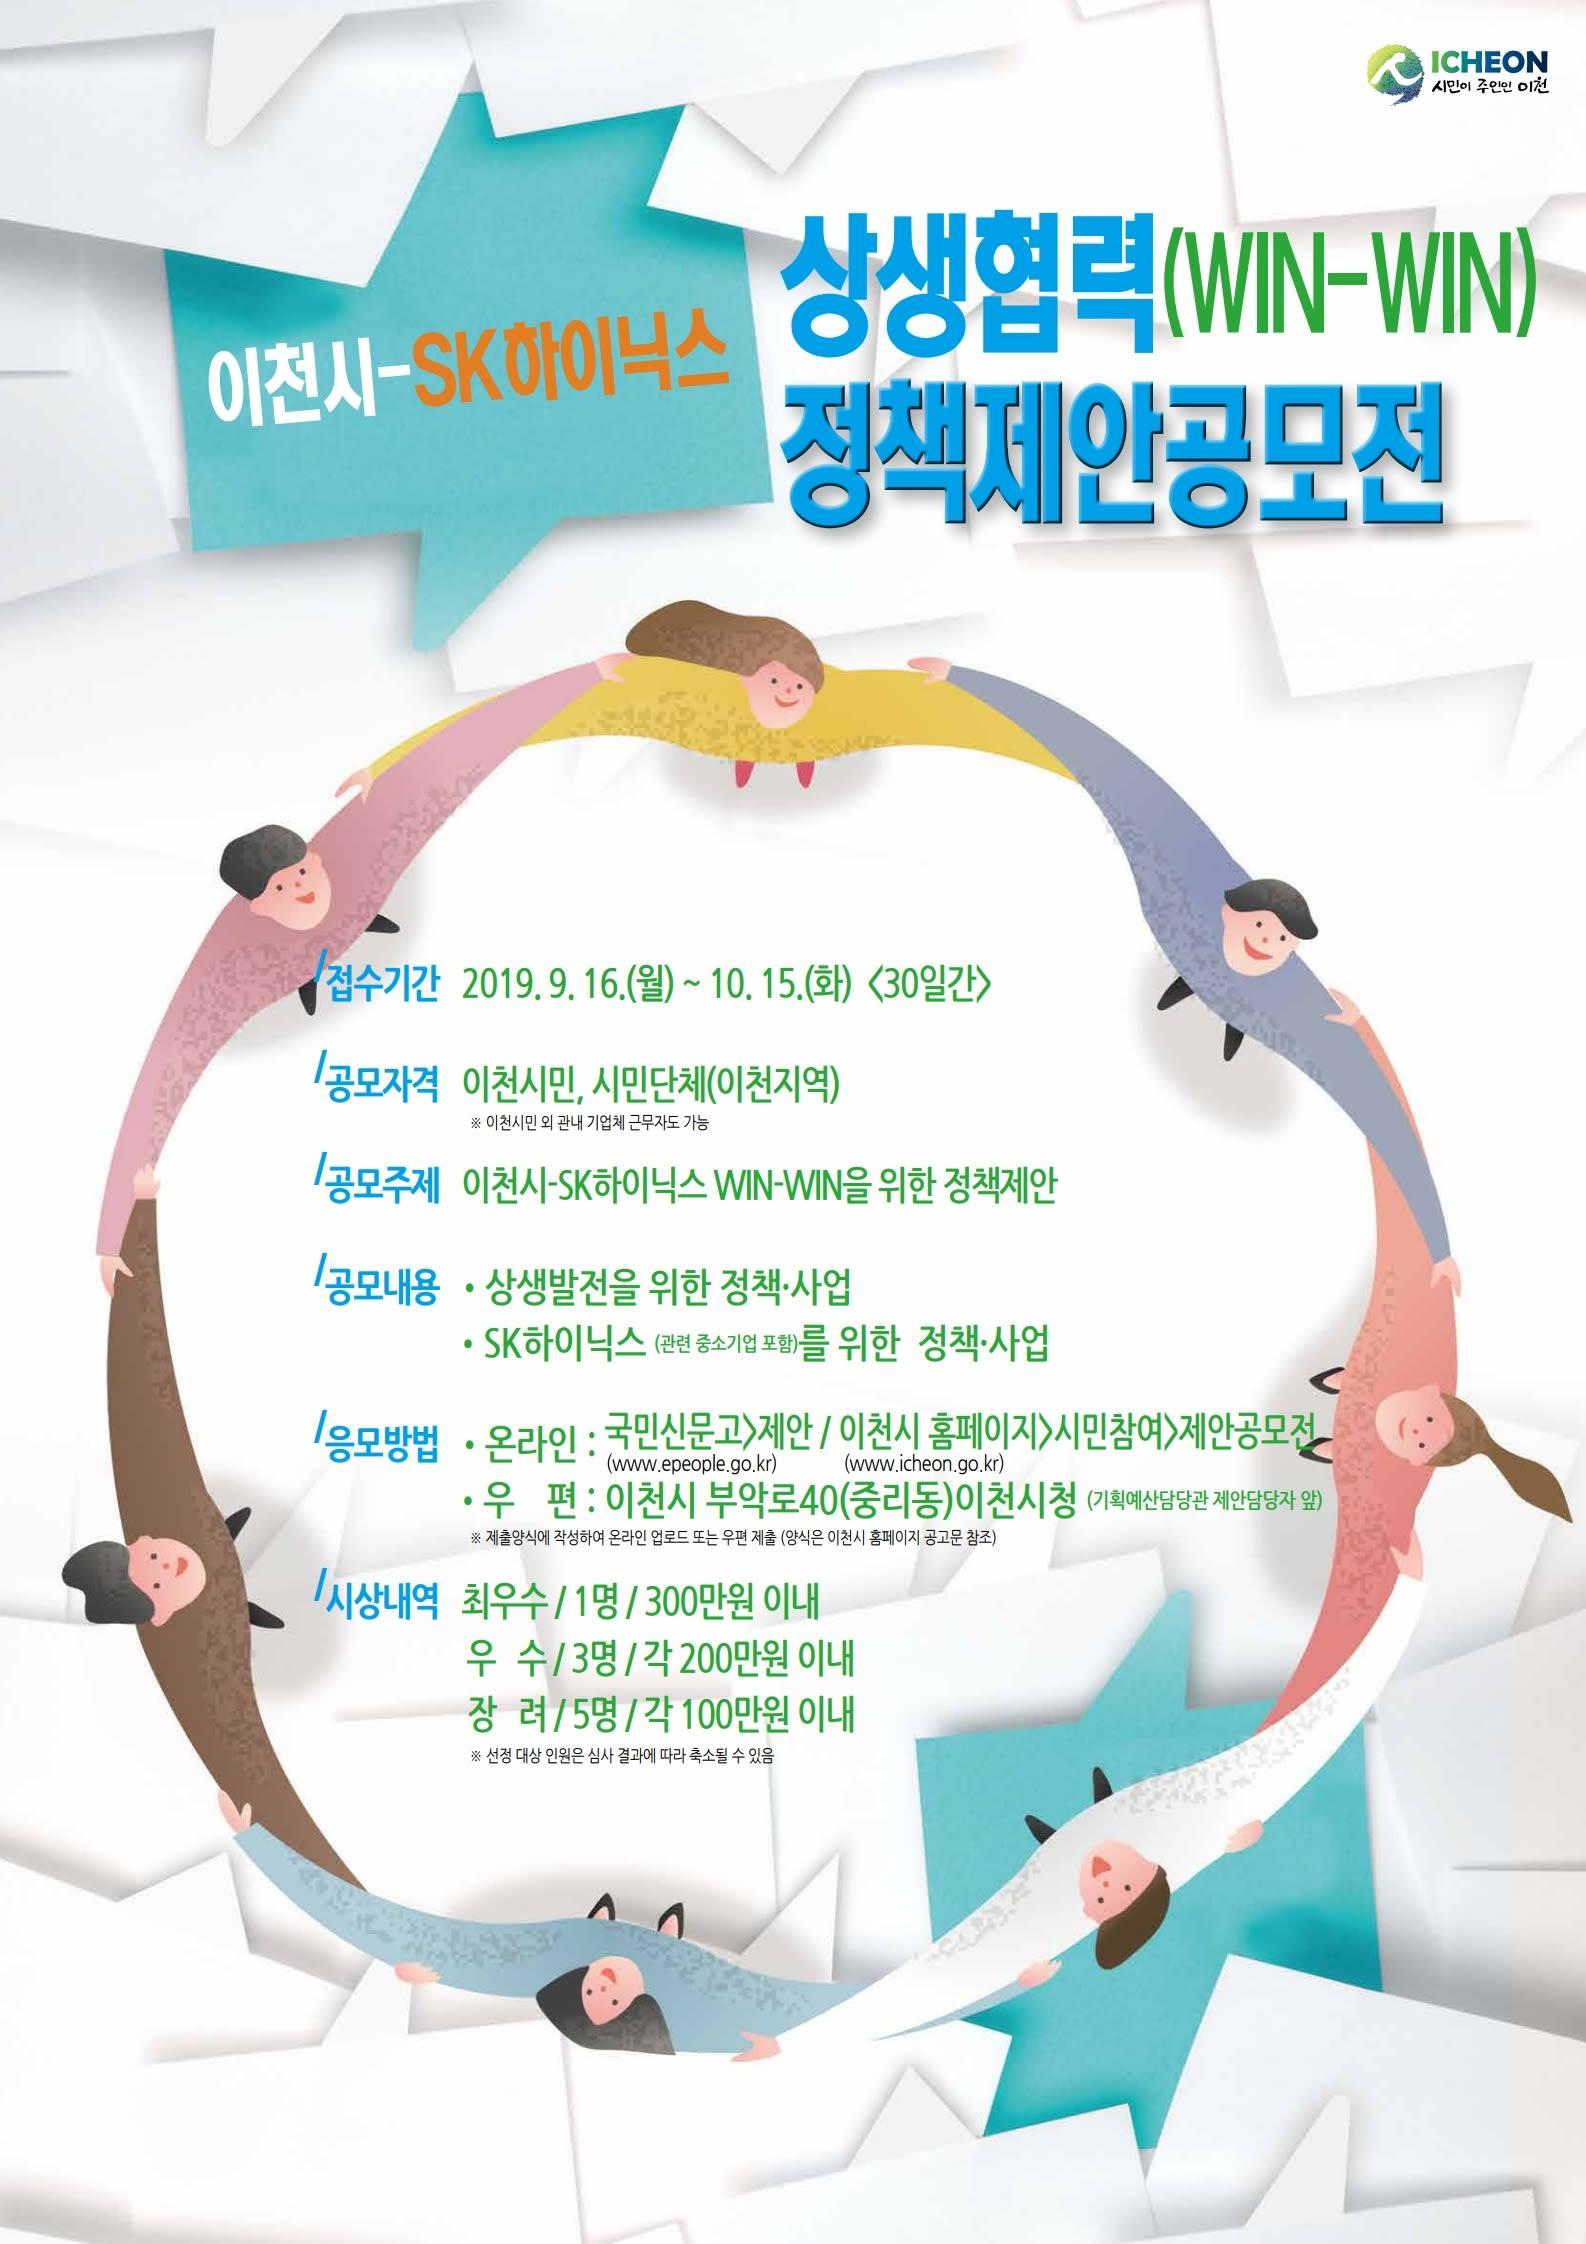 이천시-SK하이닉스 상생협력(WIN-WIN) 방안 정책제안공모전